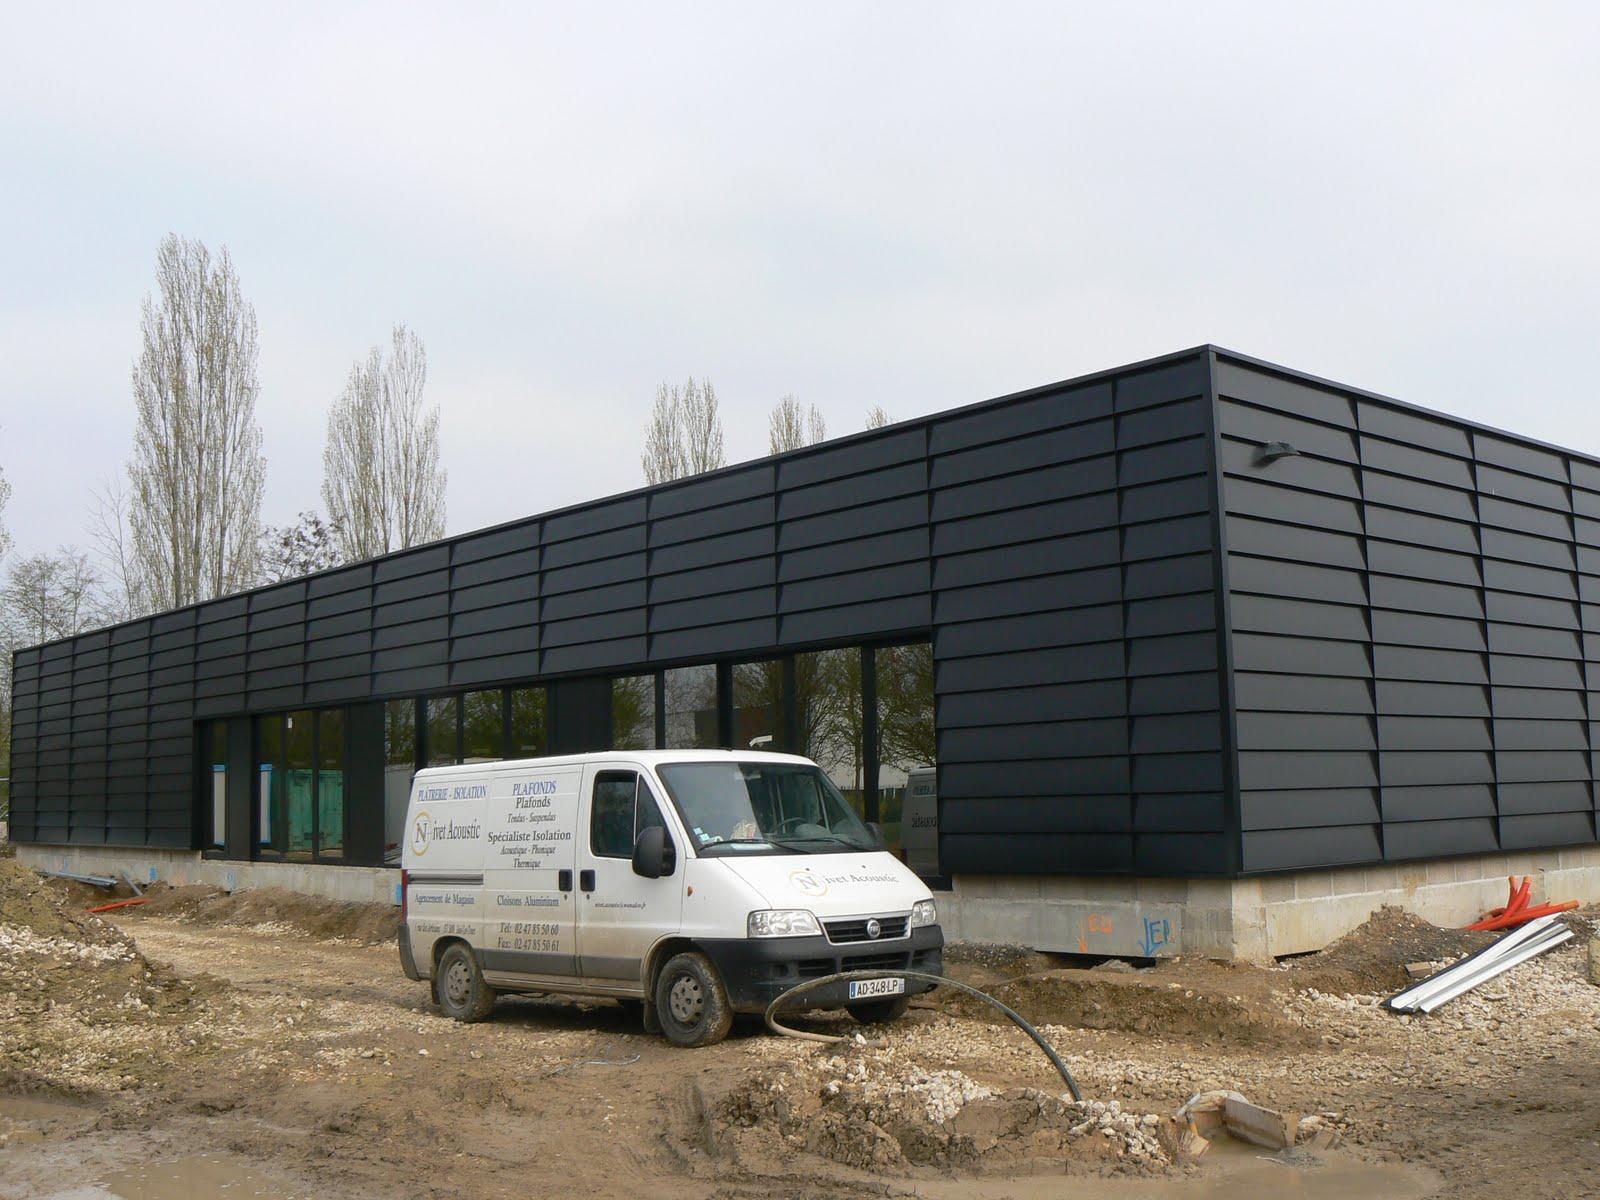 notre dame d 39 o tours plus construit un d p t pour la collecte des d chets au nord. Black Bedroom Furniture Sets. Home Design Ideas